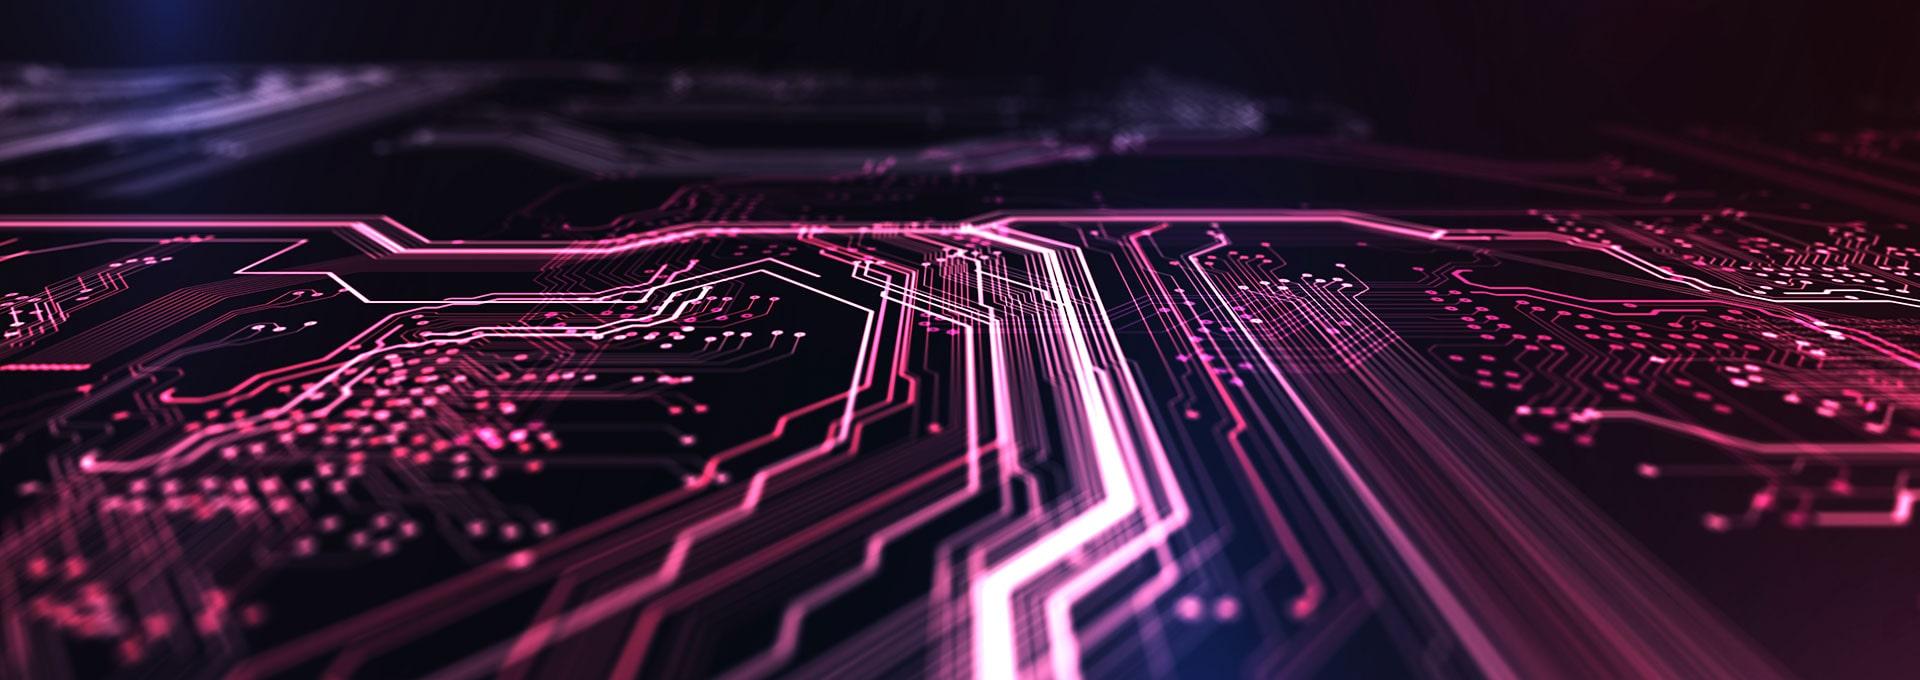 Tummanpunainen ja sininen teknologia- aiheinen tausta, jossa on elementtinä piirilevy, koodi ja vahva valkoinen viiva keskellä. 3D-kuva.